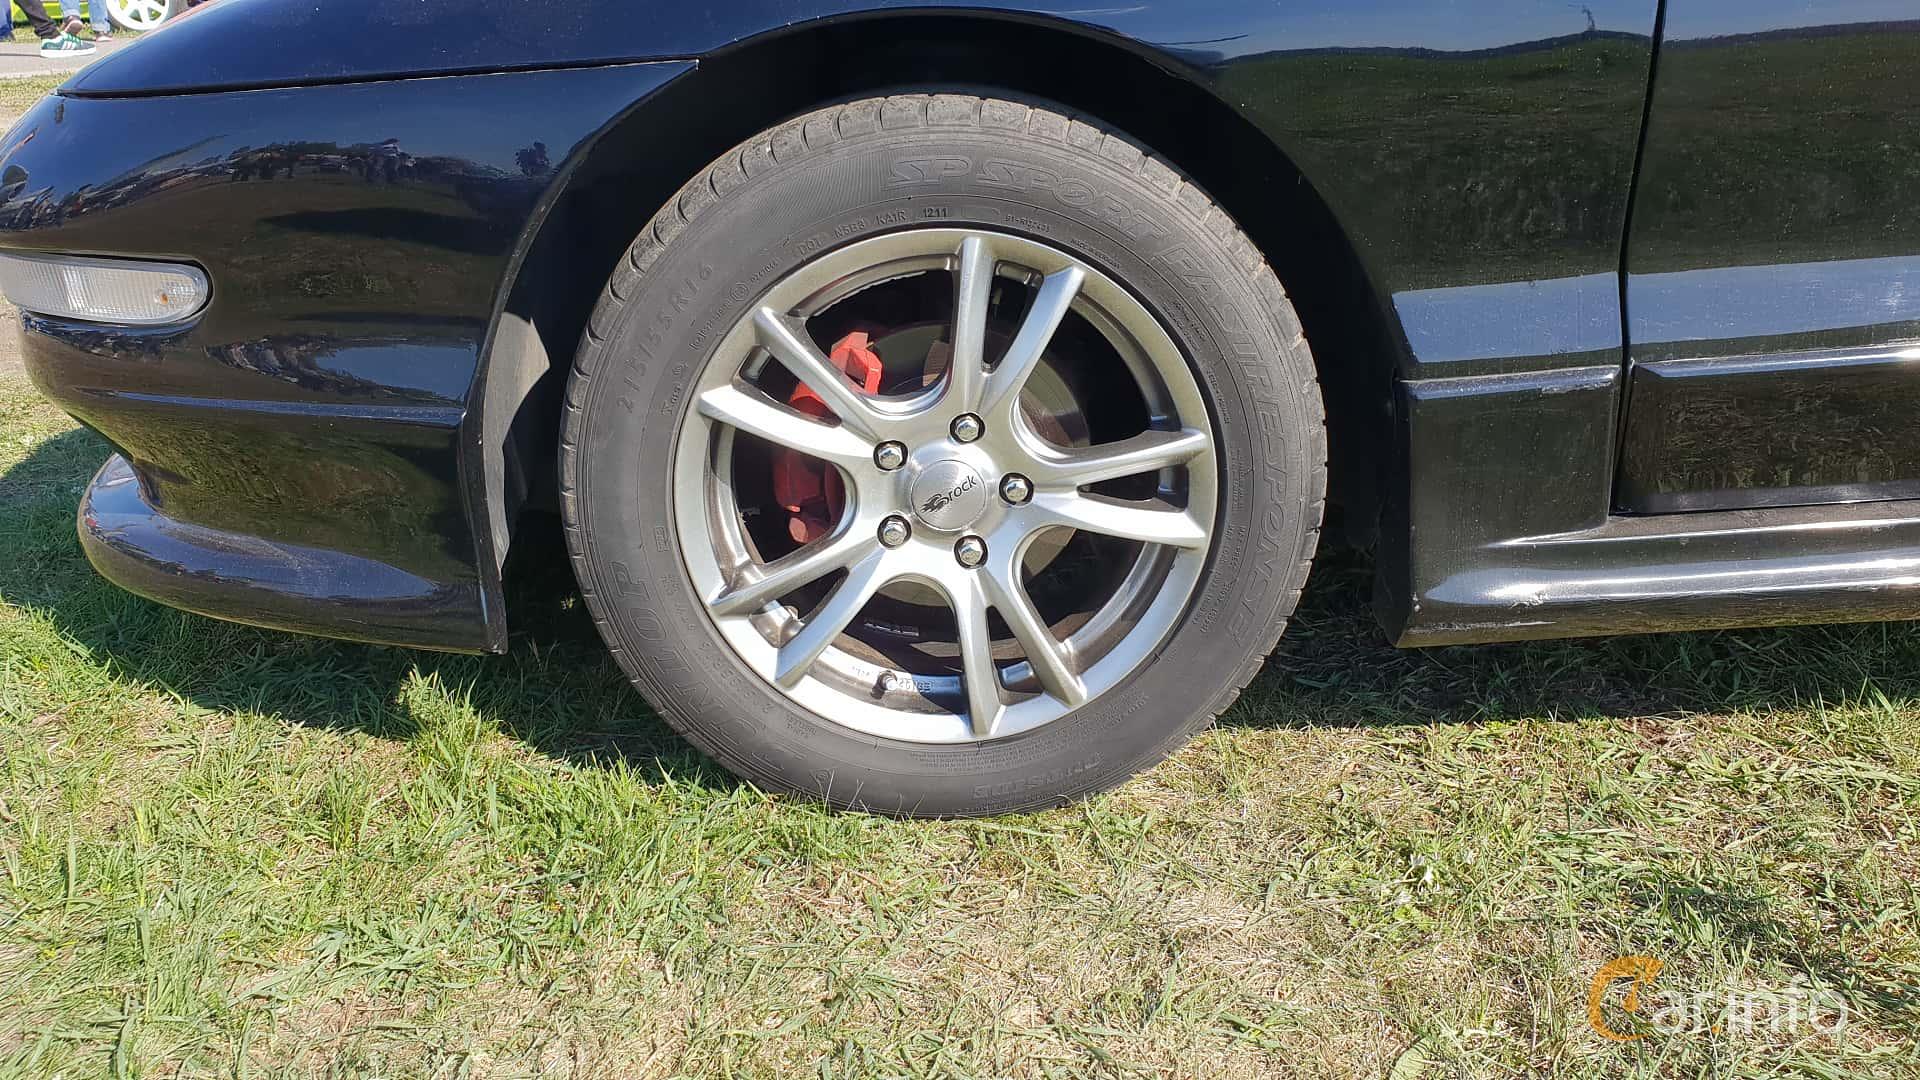 Ford Probe 2.5 V6 Manual, 163hp, 1993 at Old Car Land no.1 2018